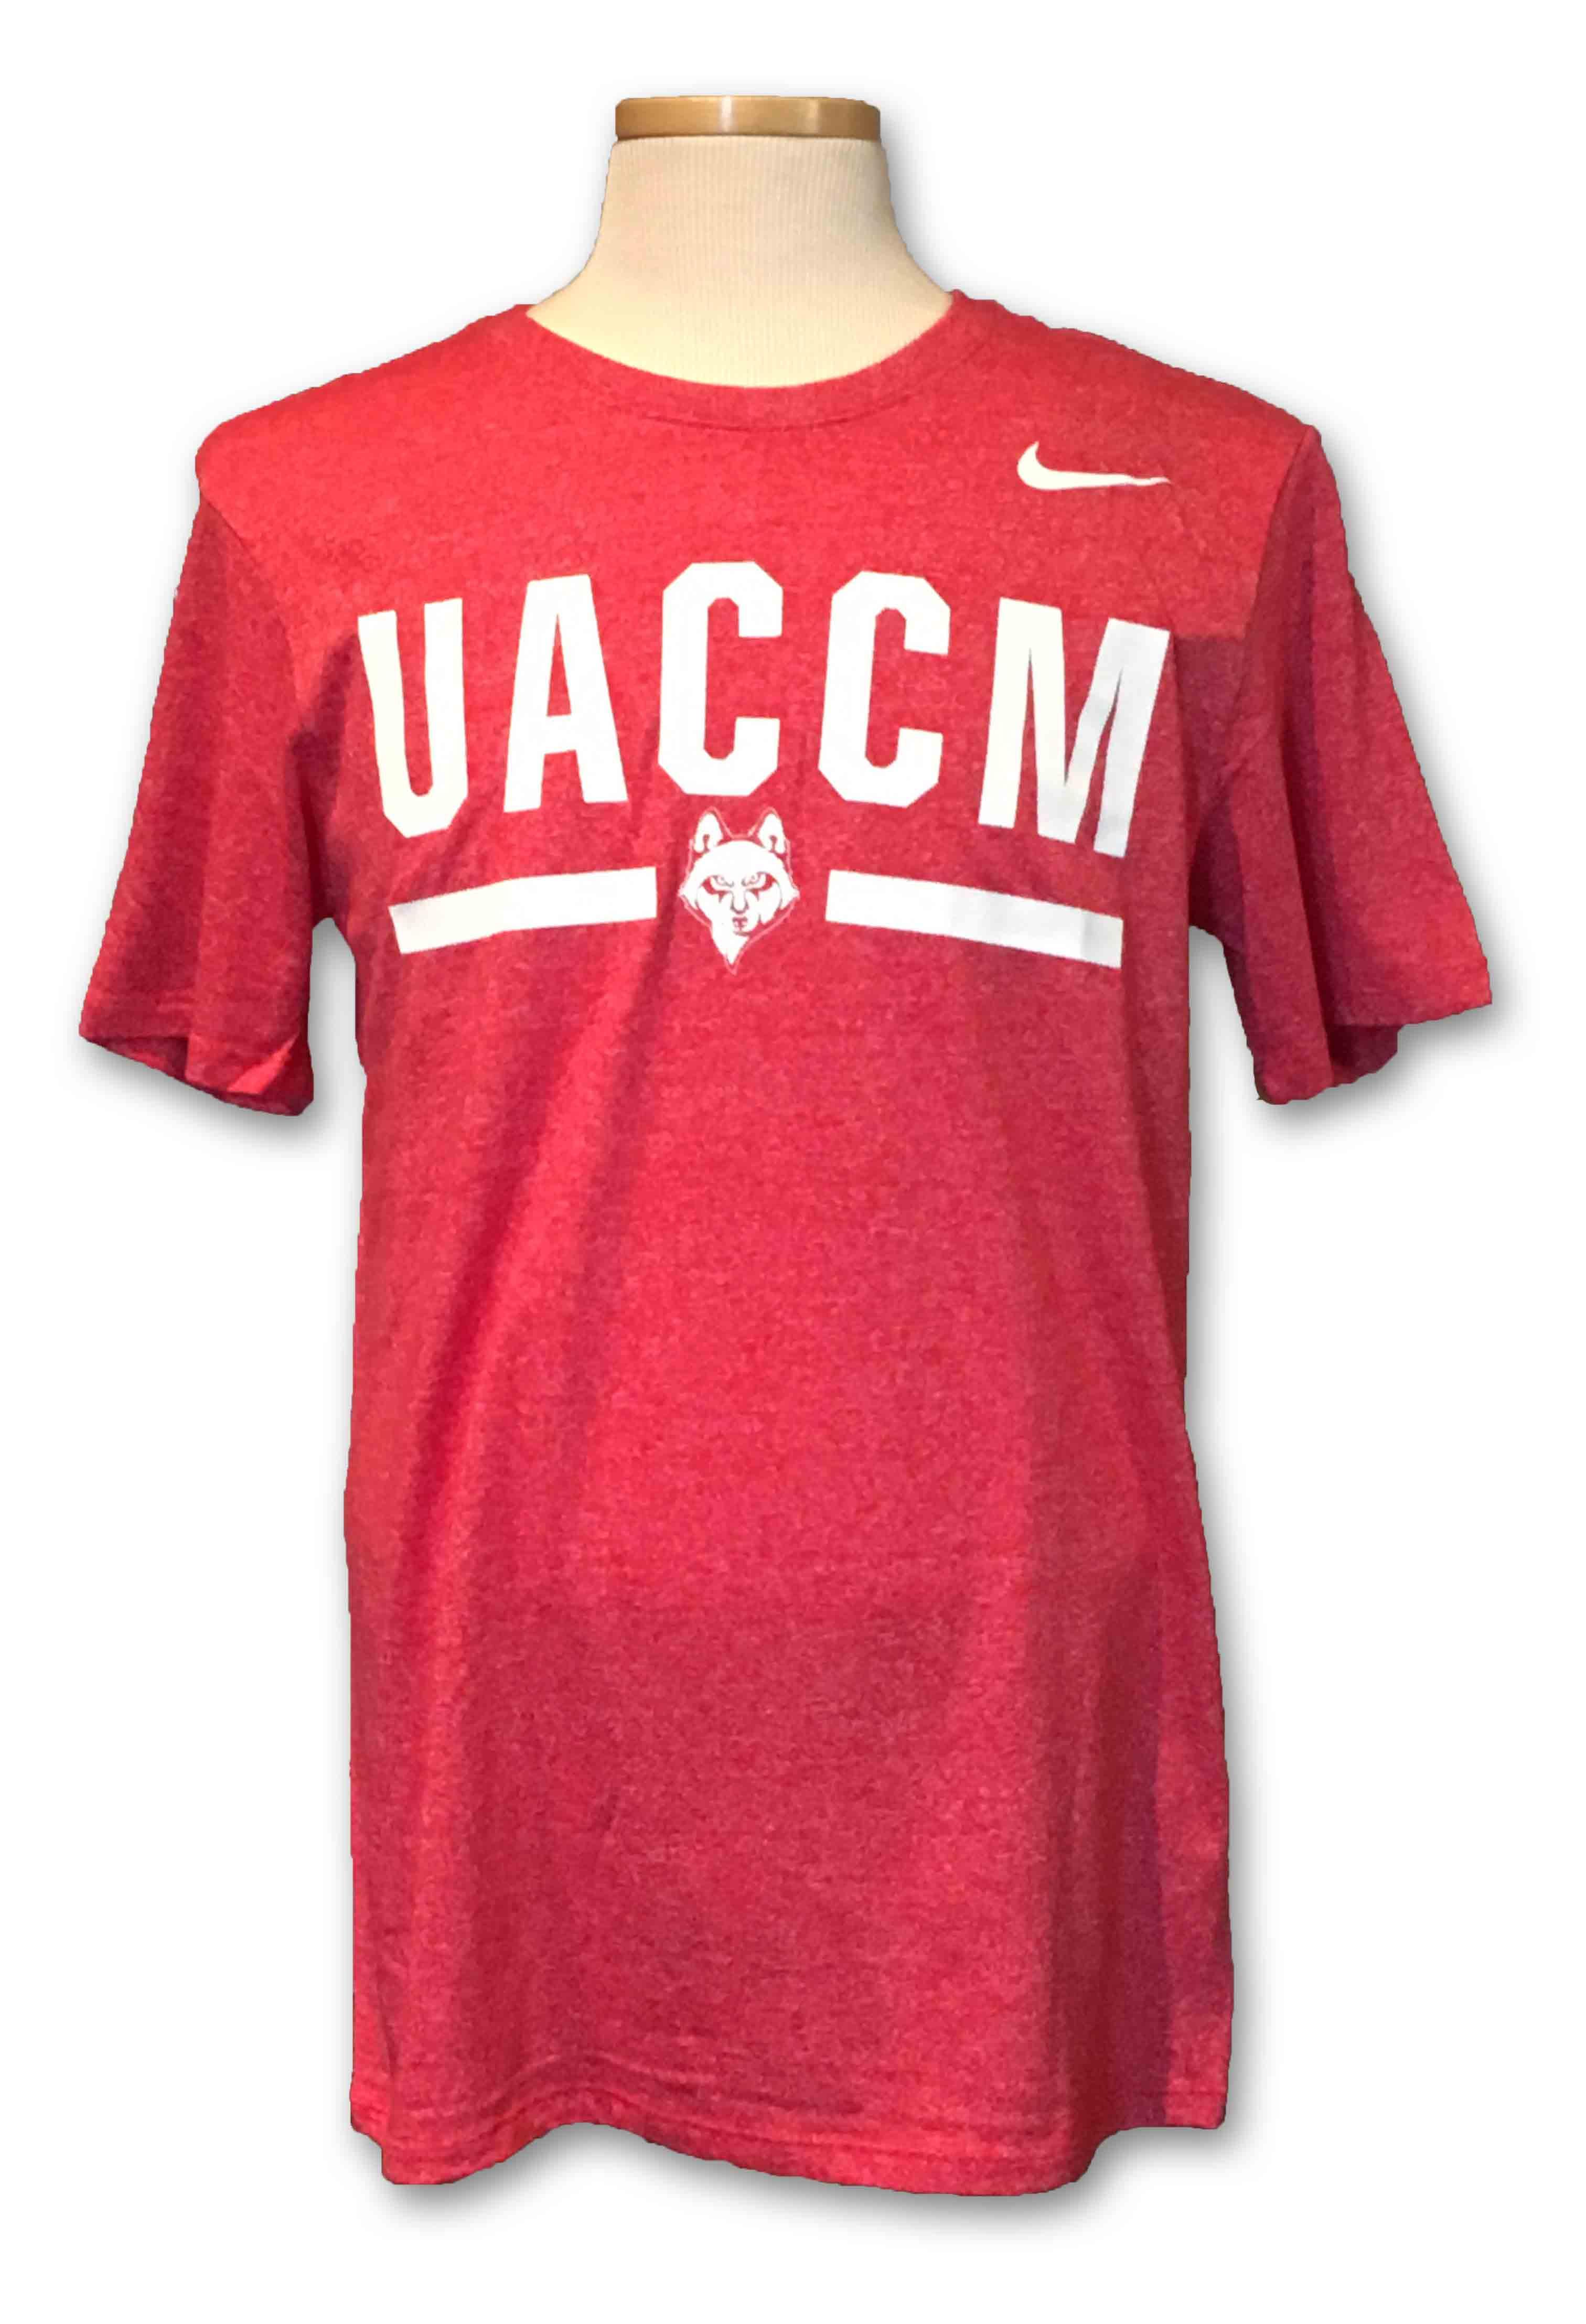 UACCM Nike Graphic Shirt